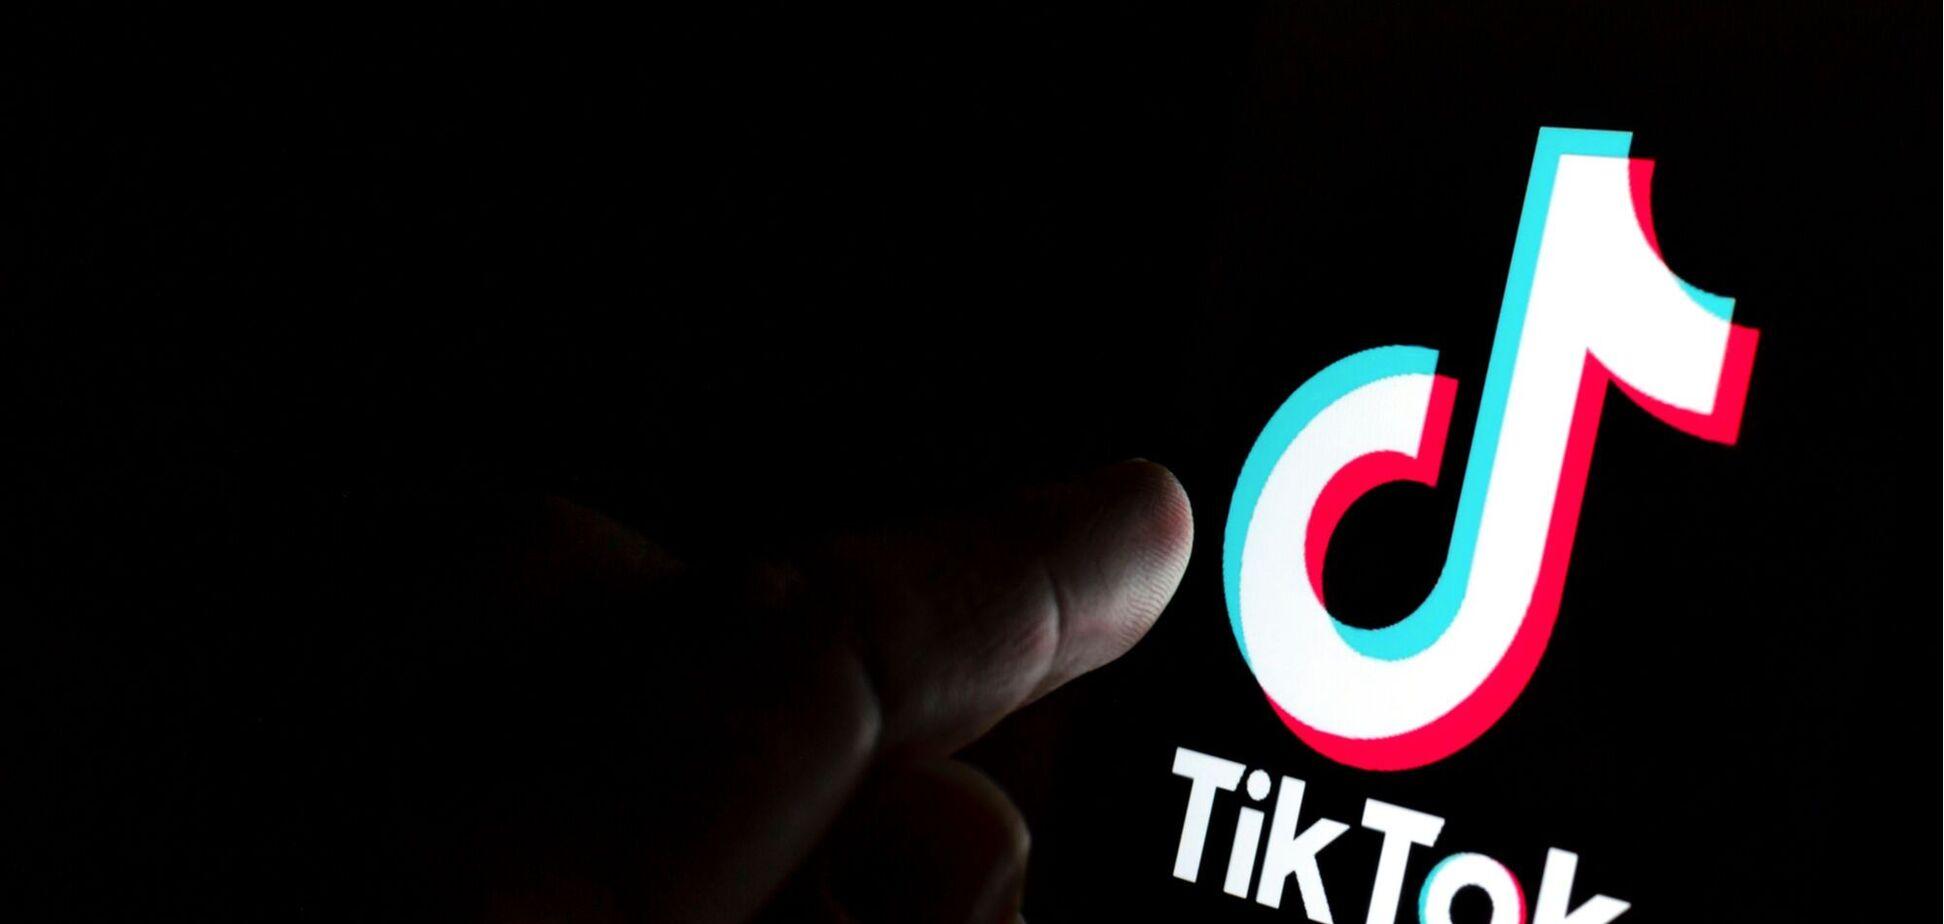 Количество активных пользователей TikTok превысило миллиард в месяц